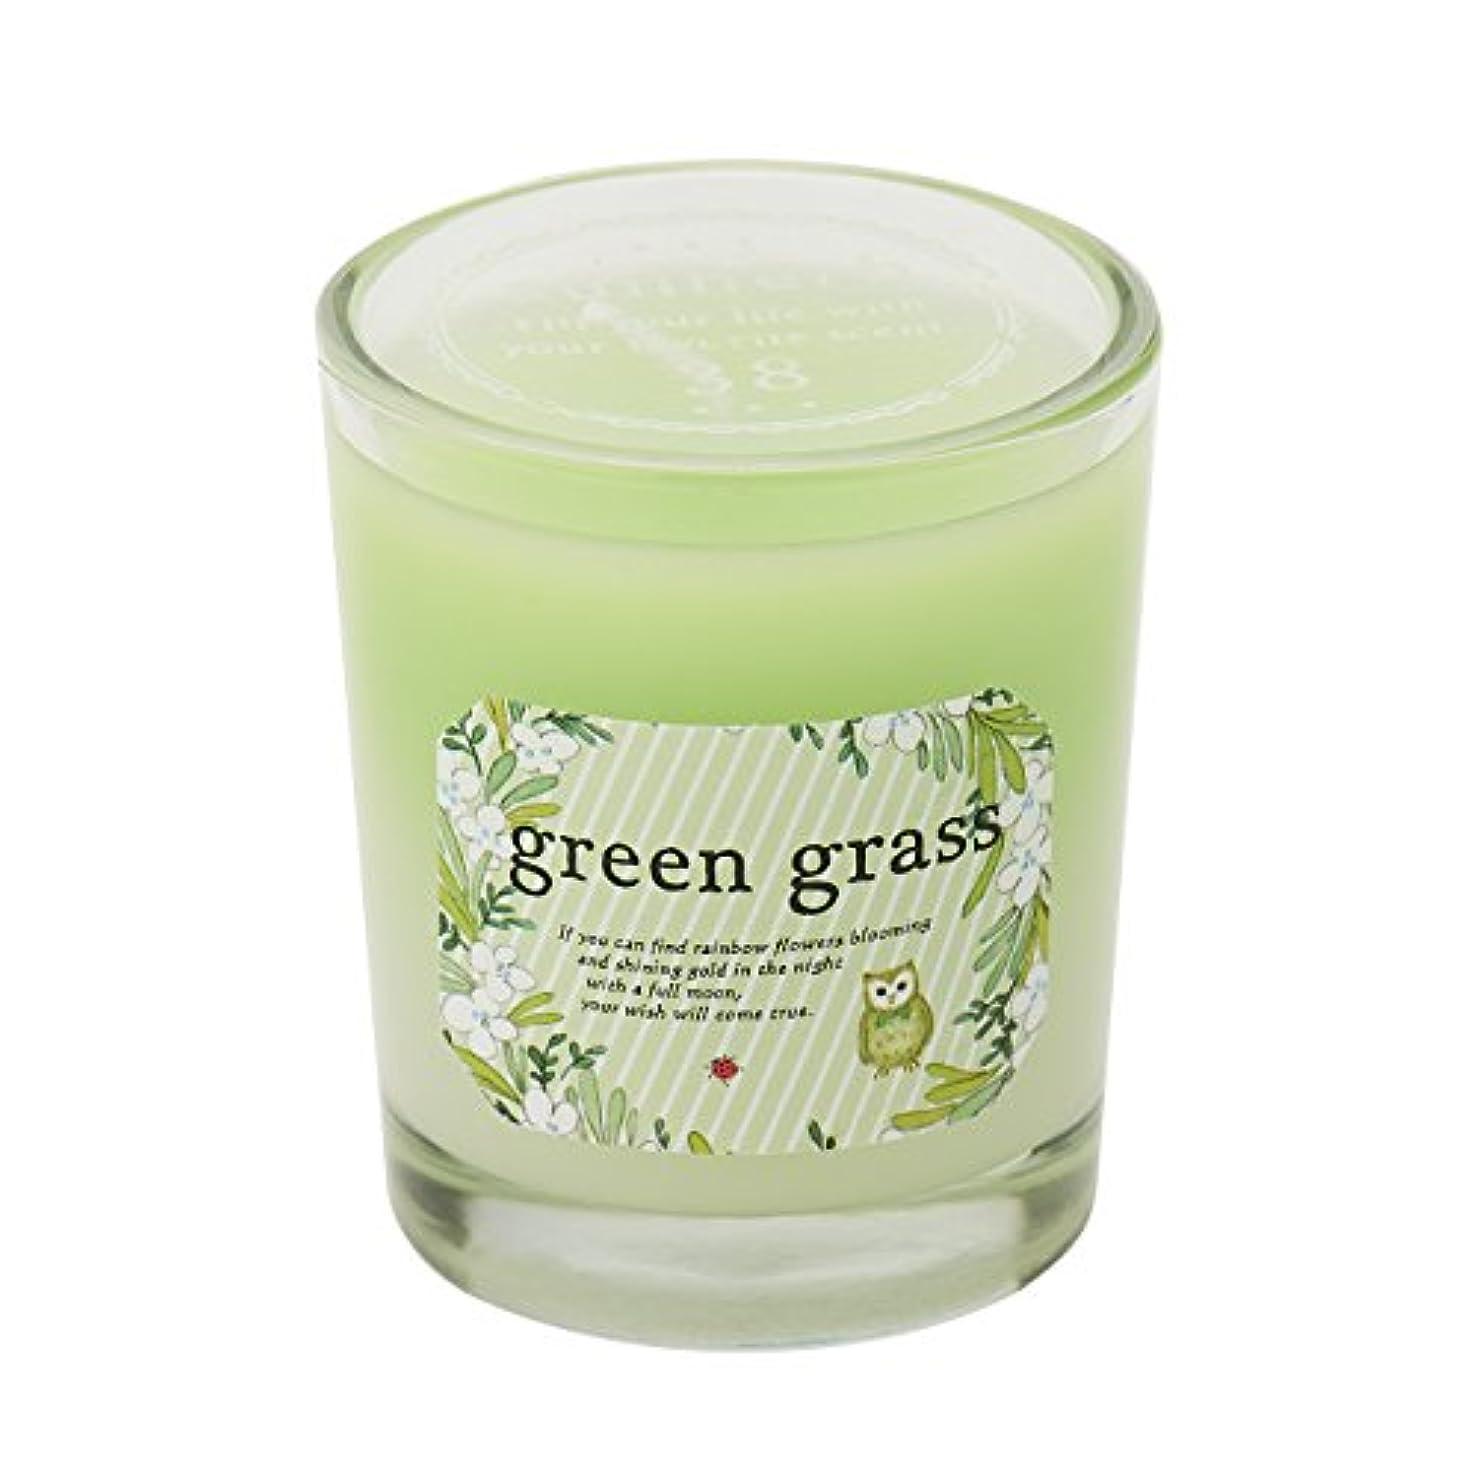 ソファー祝う家具サンハーブ グラスキャンドル グリーングラス 35g(グラデーションろうそく 燃焼時間約10時間 爽やかでちょっと大人の香り)